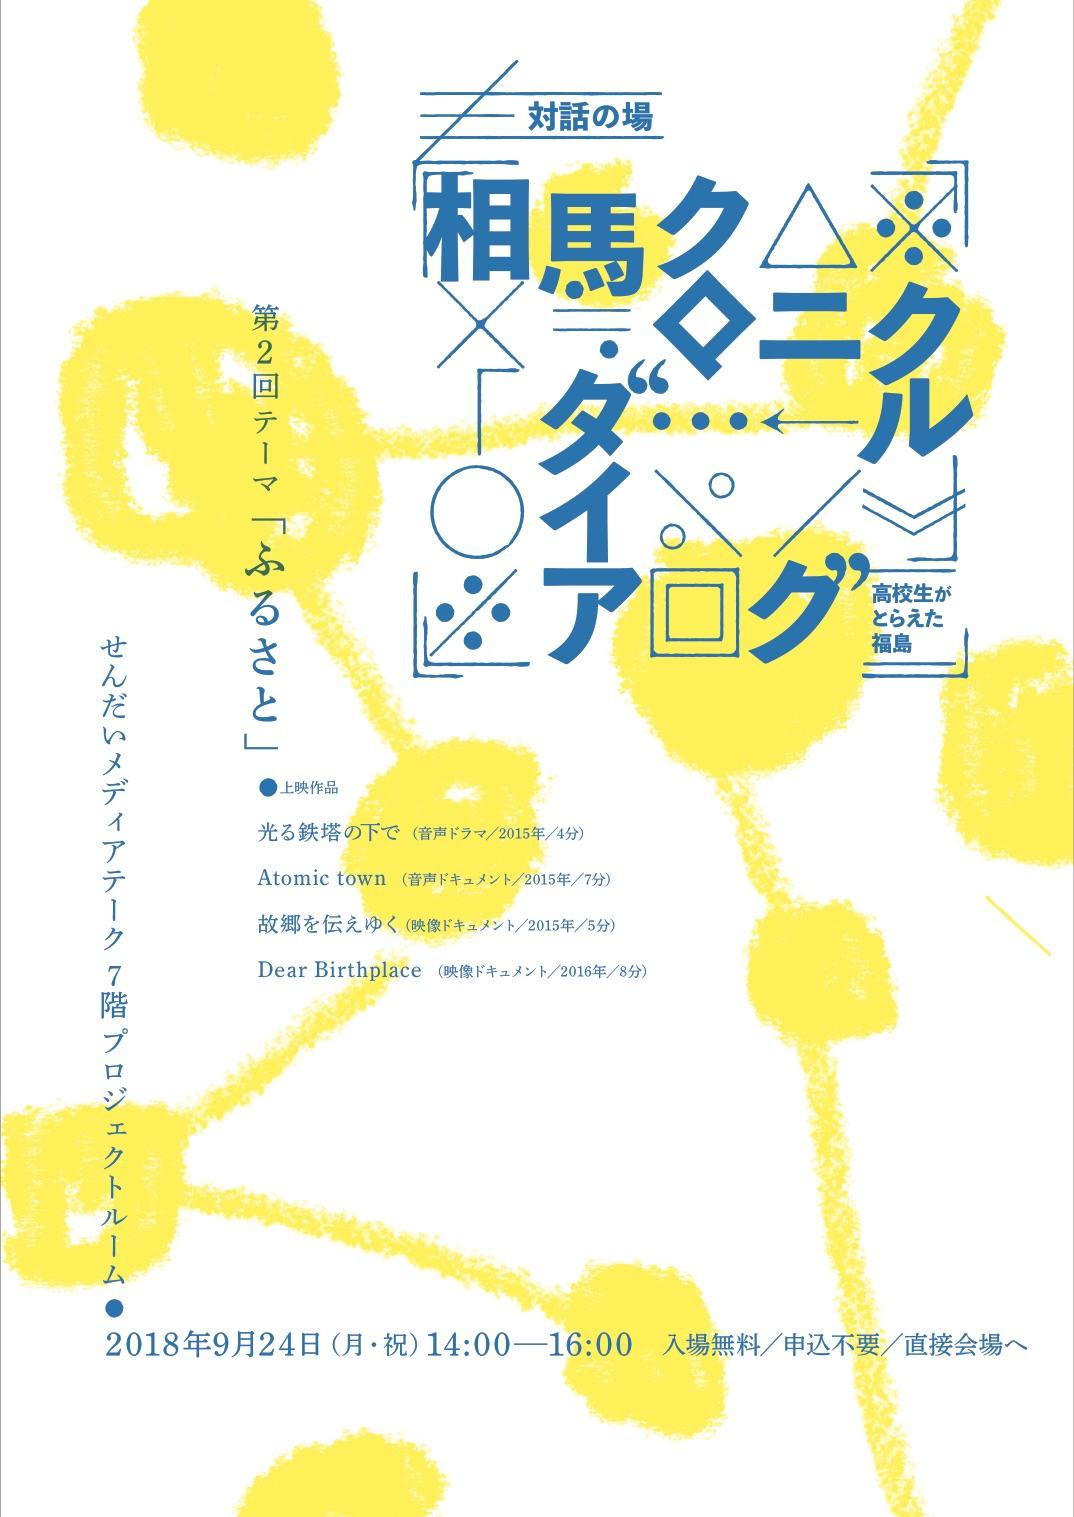 【終了】相馬クロニクルダイアログ 第2回「ふるさと」